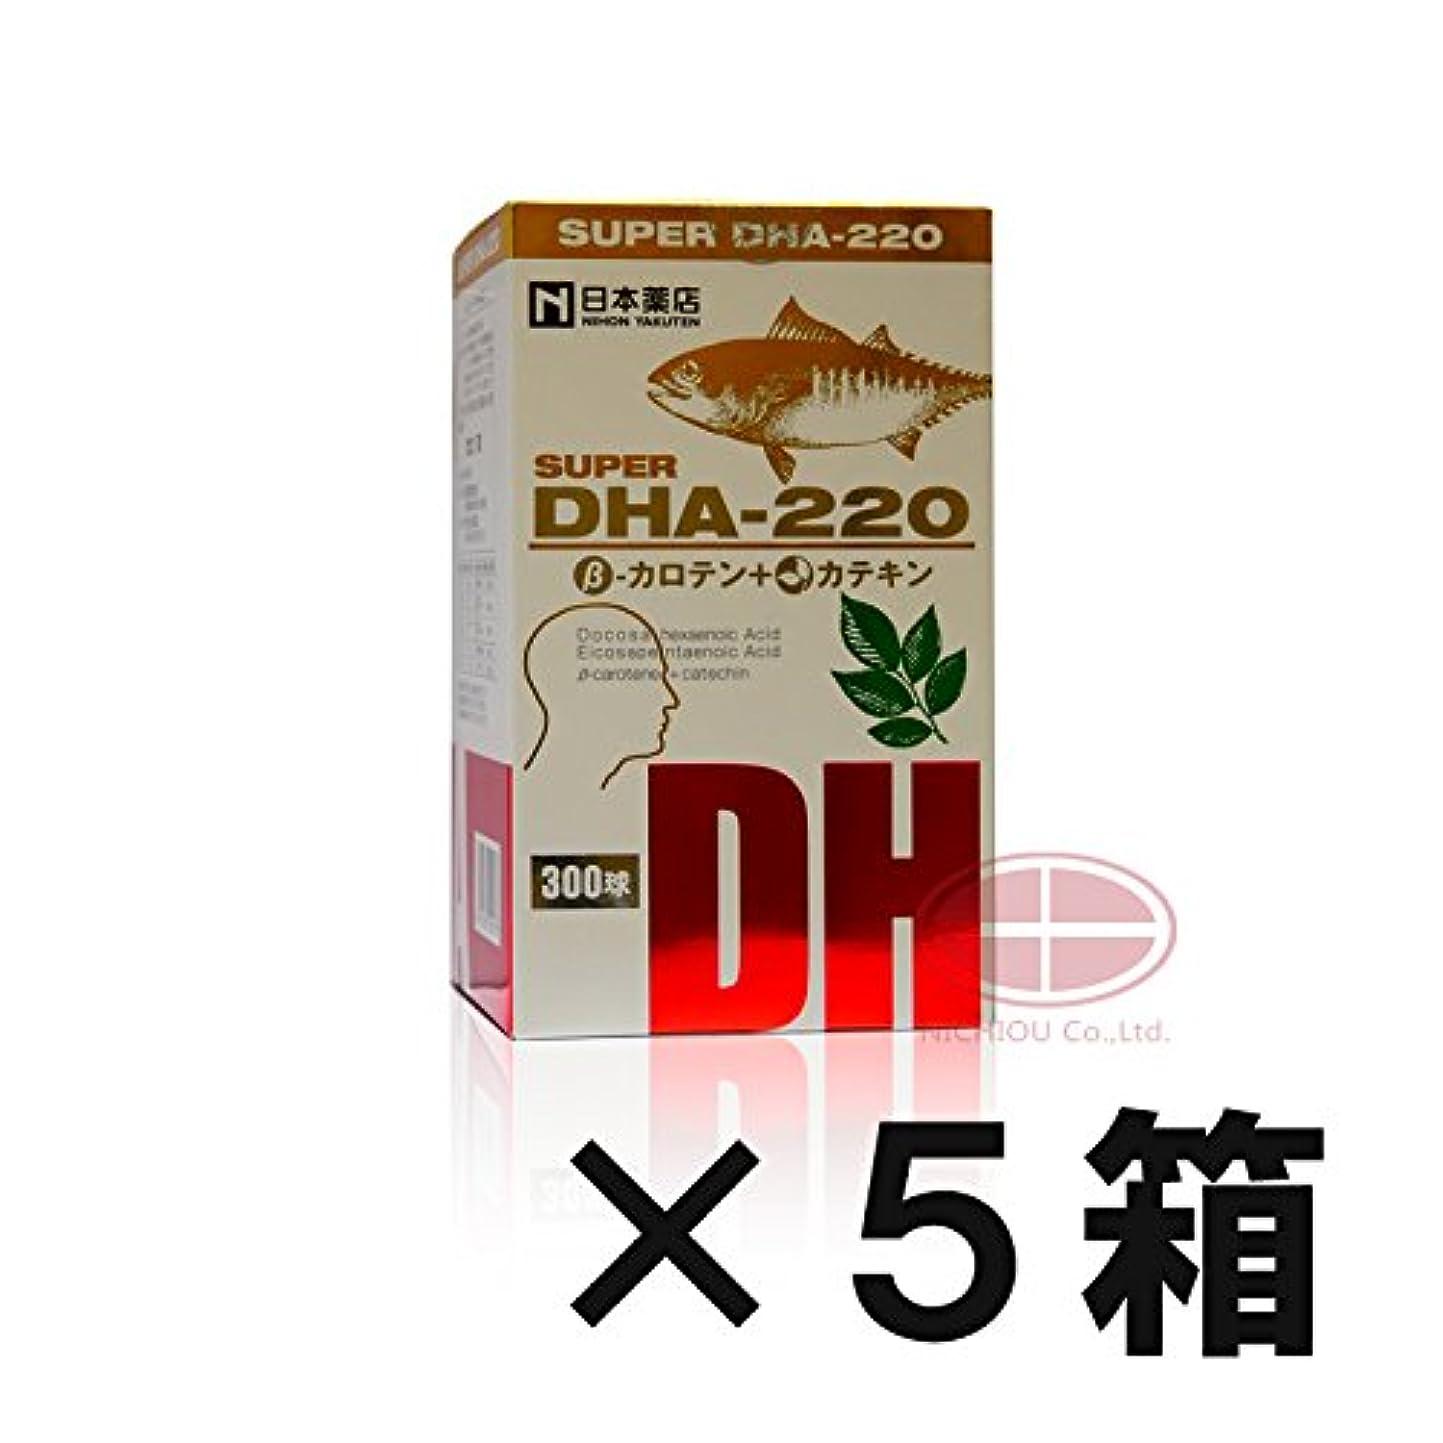 インスタンス町食器棚薬王製薬 スーパーDHA220 βカロテン+カテキン 300粒 (5)